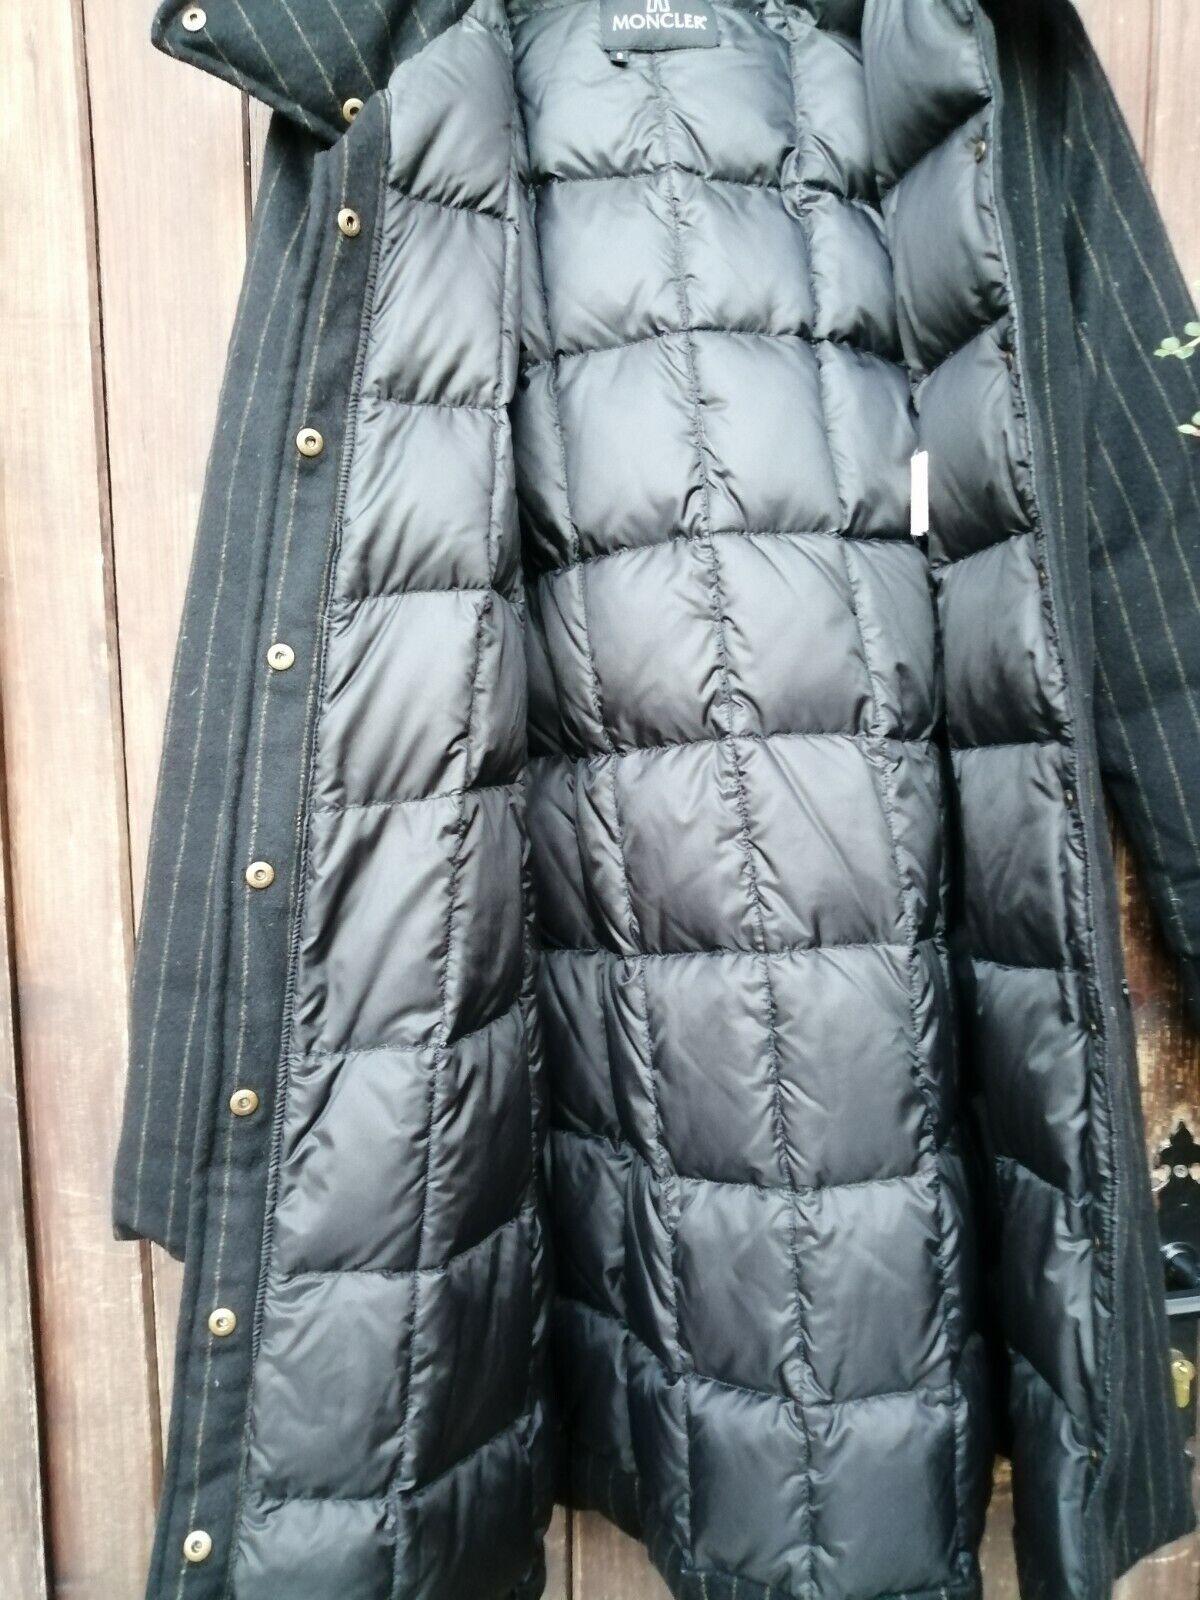 Manteau  doudoune moncler pour femmes 38 40 hyper  chaud